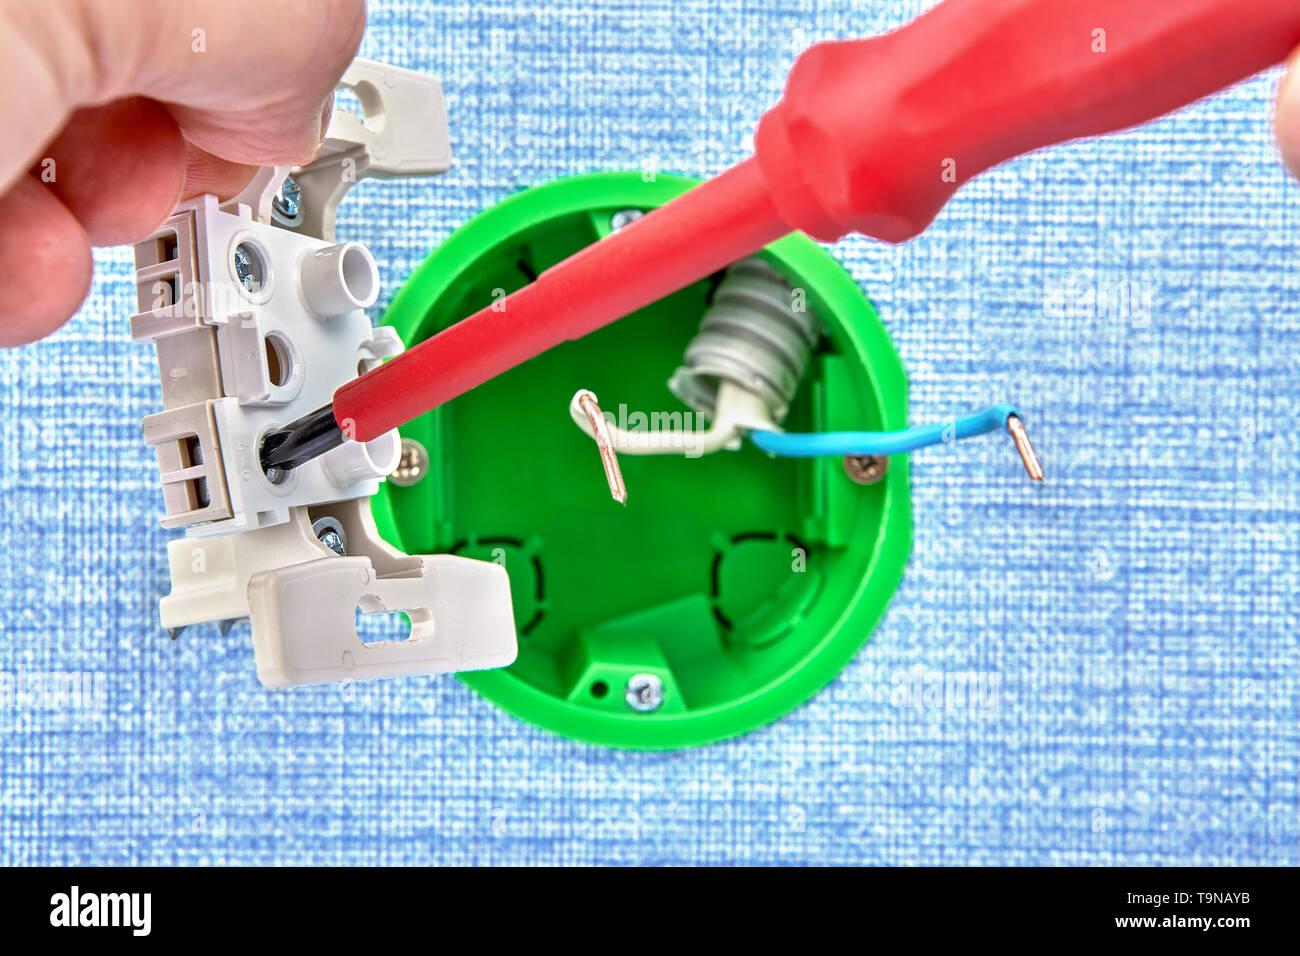 Handwerker verdreht Schraube in neuen europäischen Standard runde Schaltkasten mit dielektrischen Schraubendreher, elektrische Arbeit. Stockbild